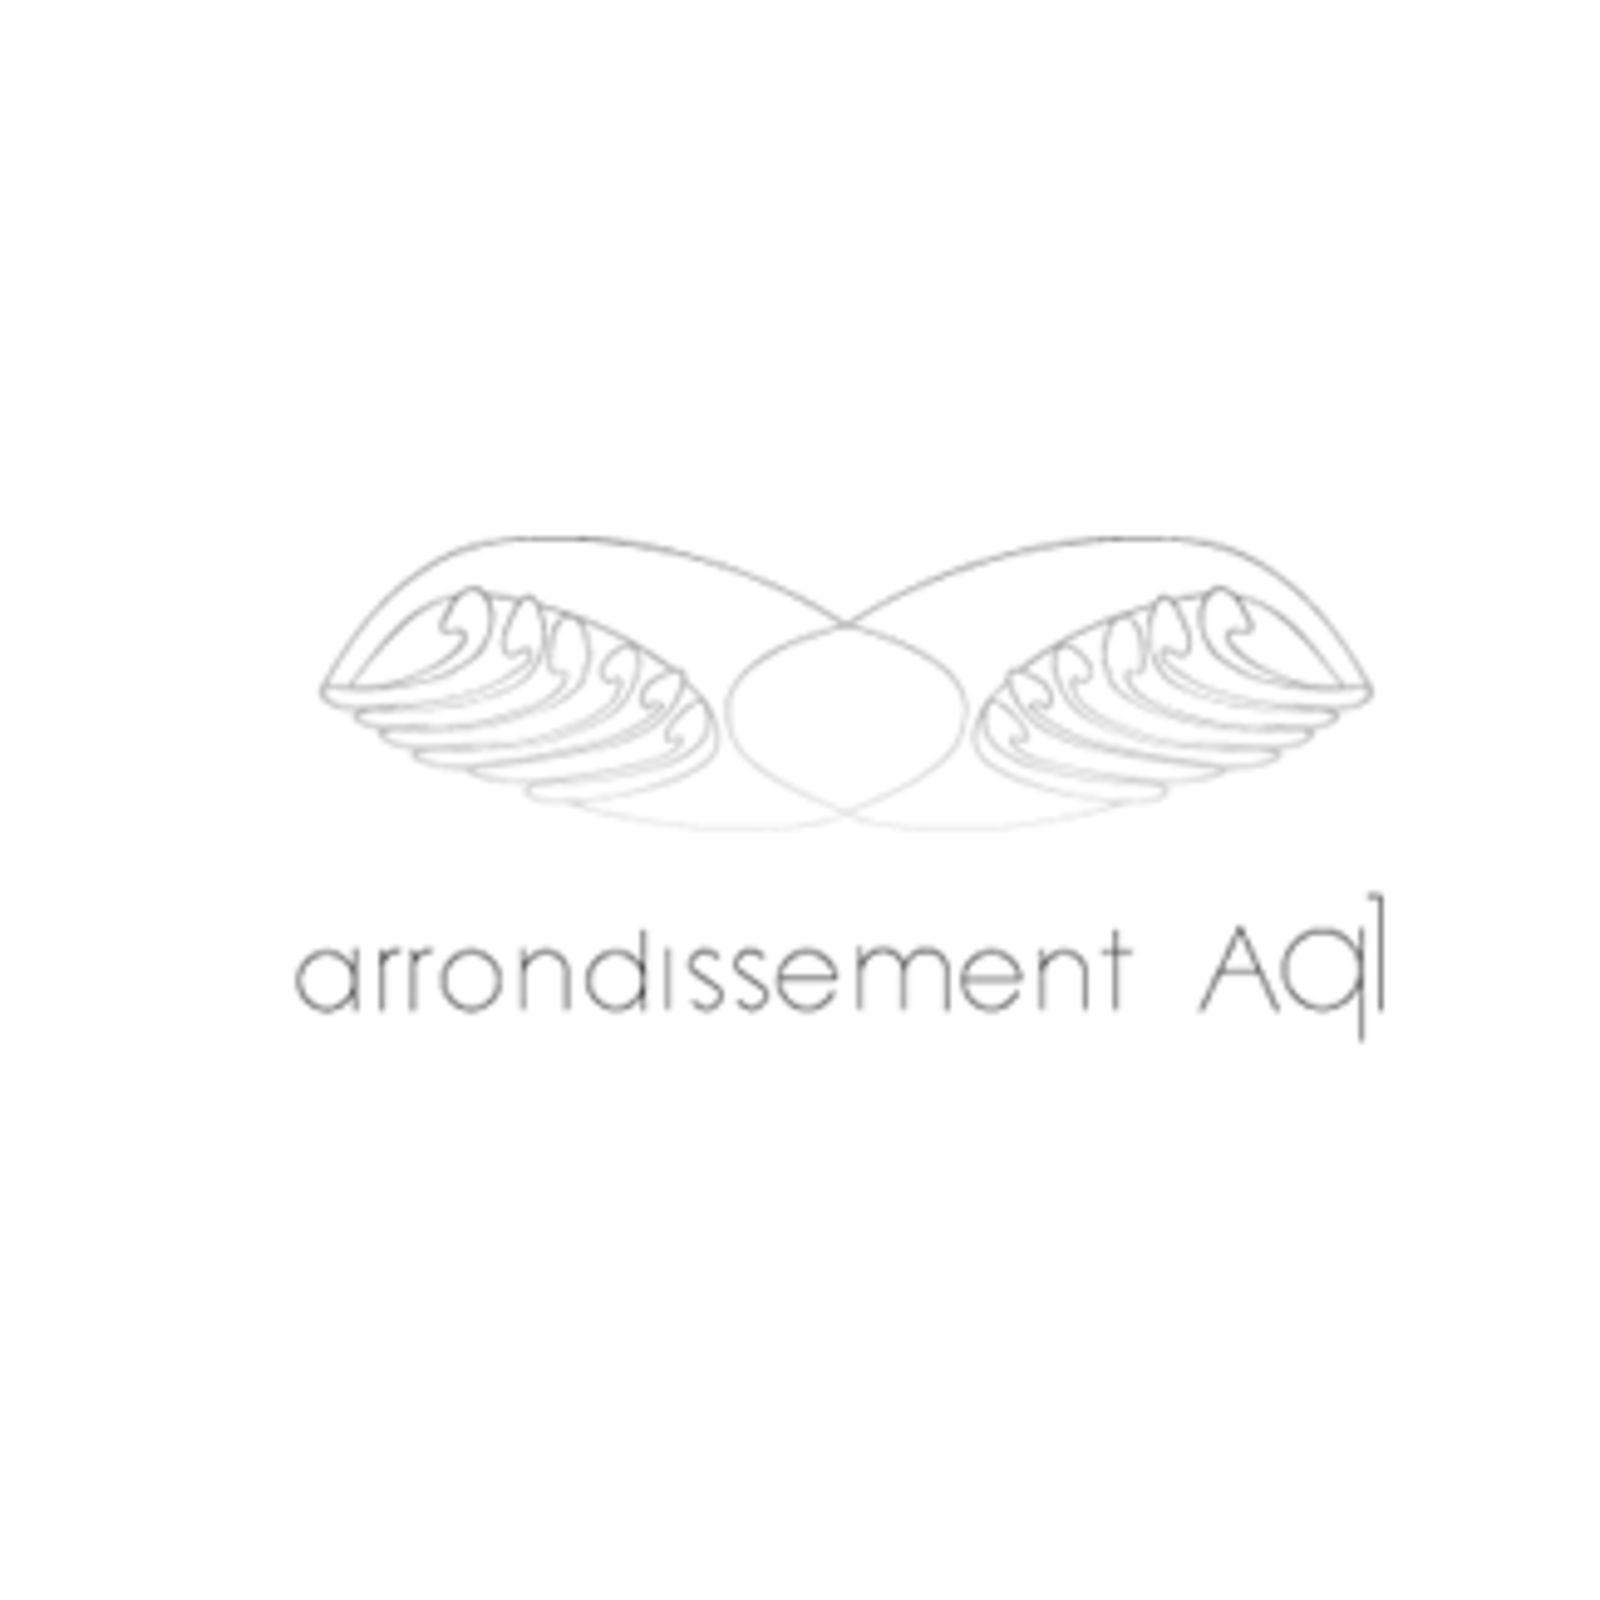 arrondissement Aq1 (Bild 1)